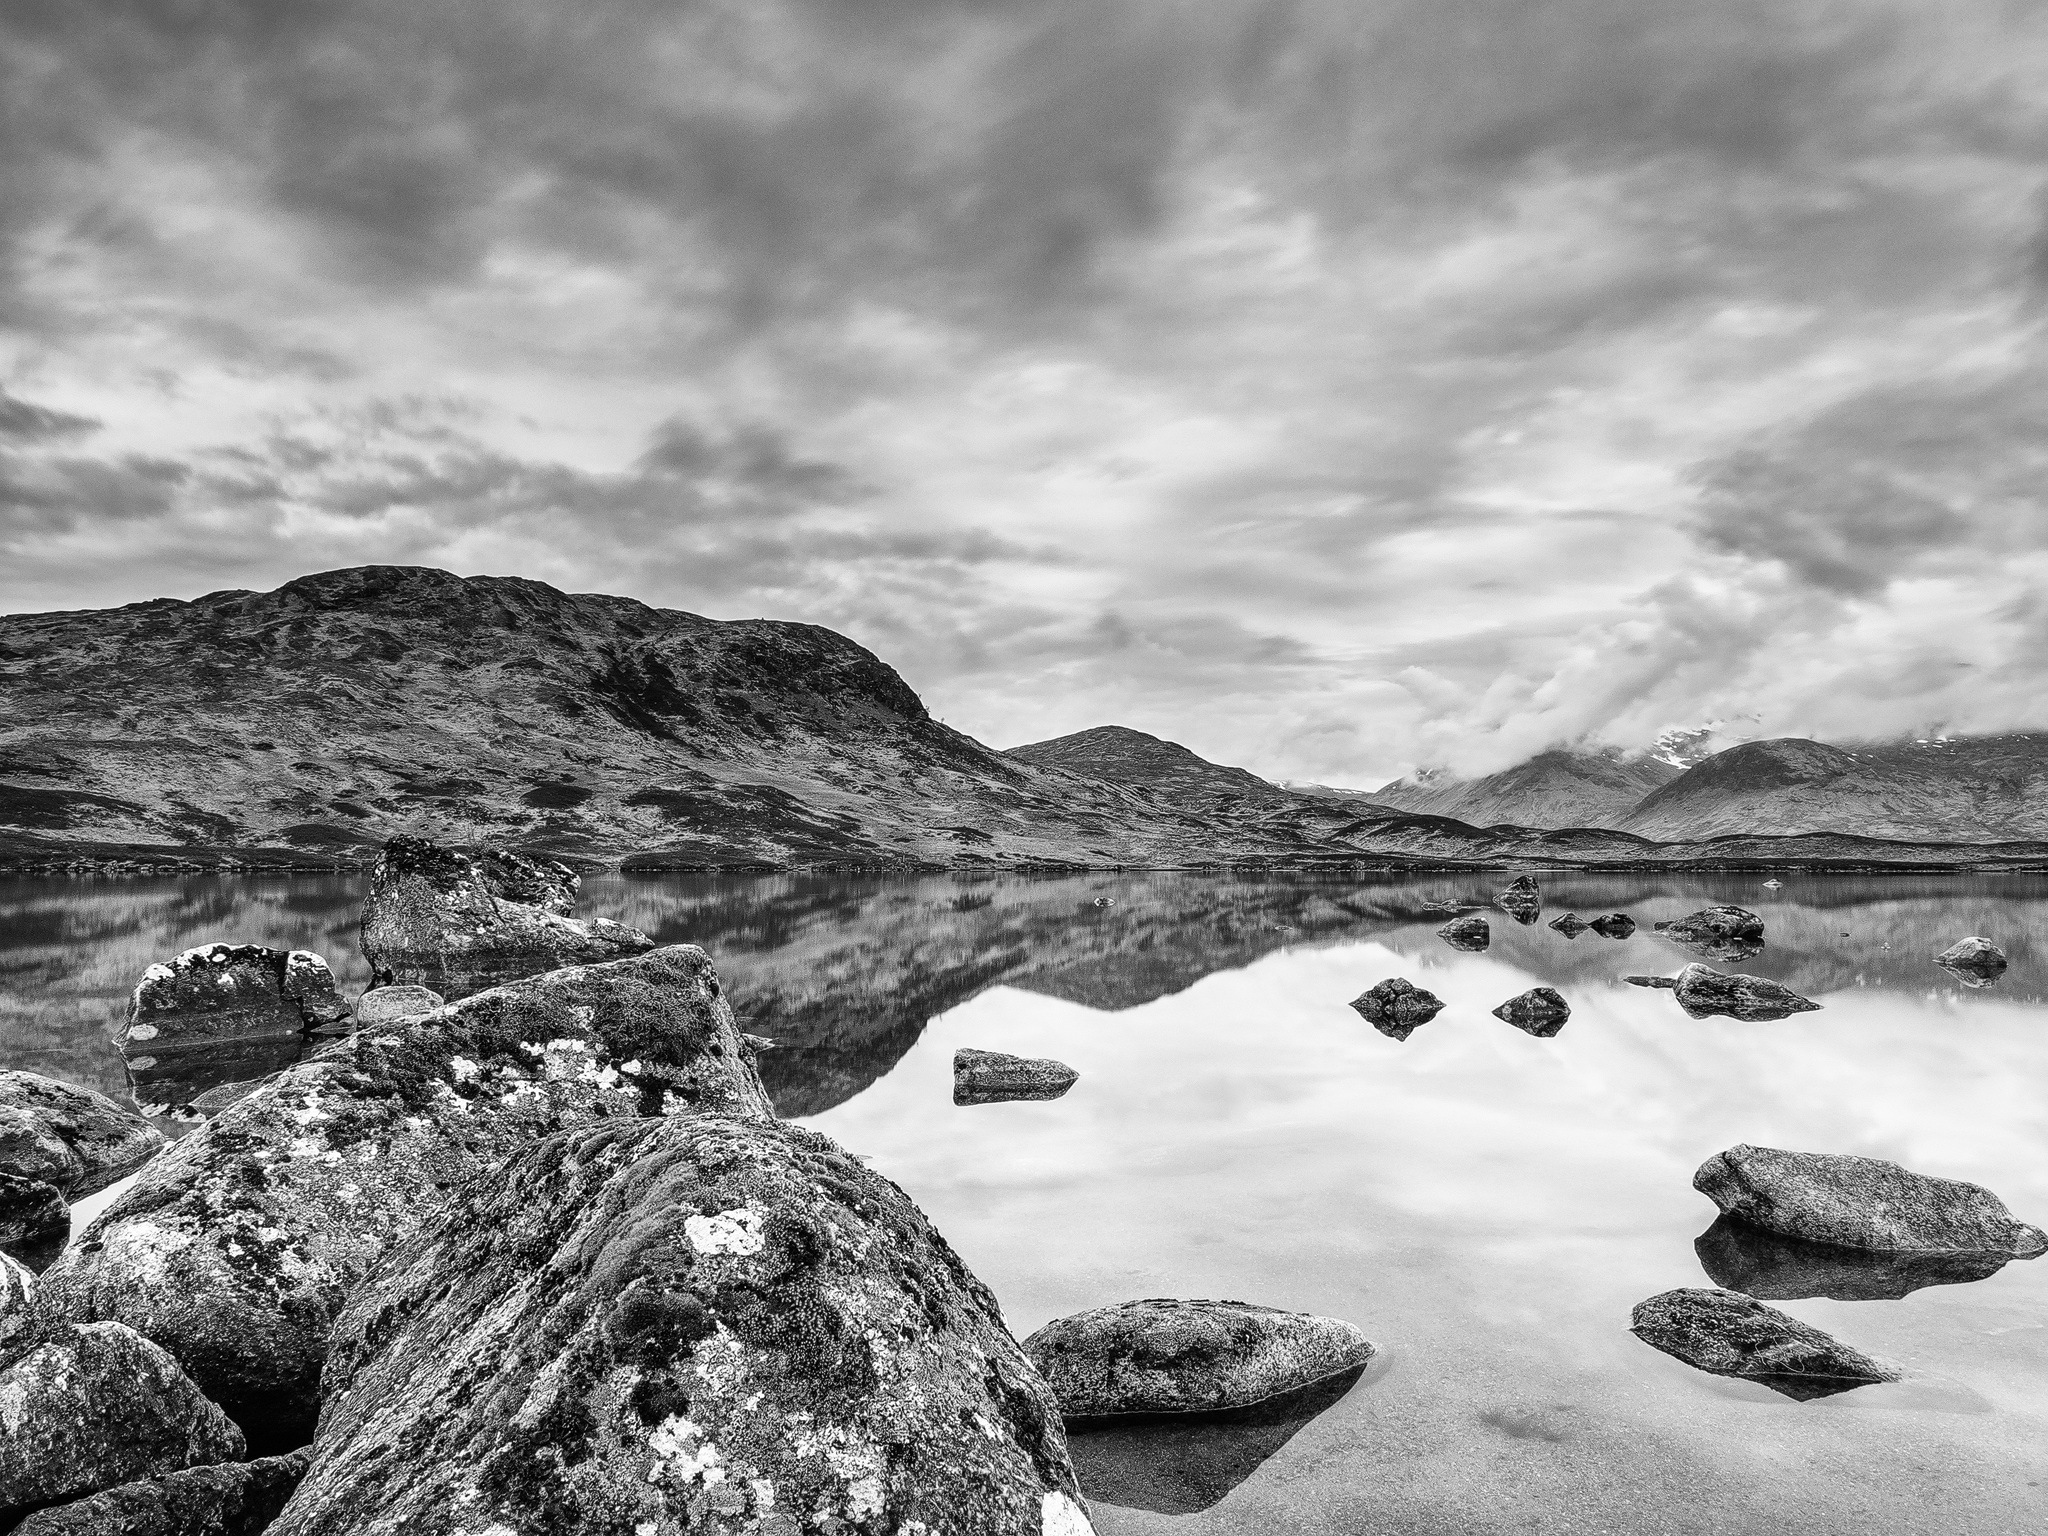 Wild Scotland by Fabian Bader